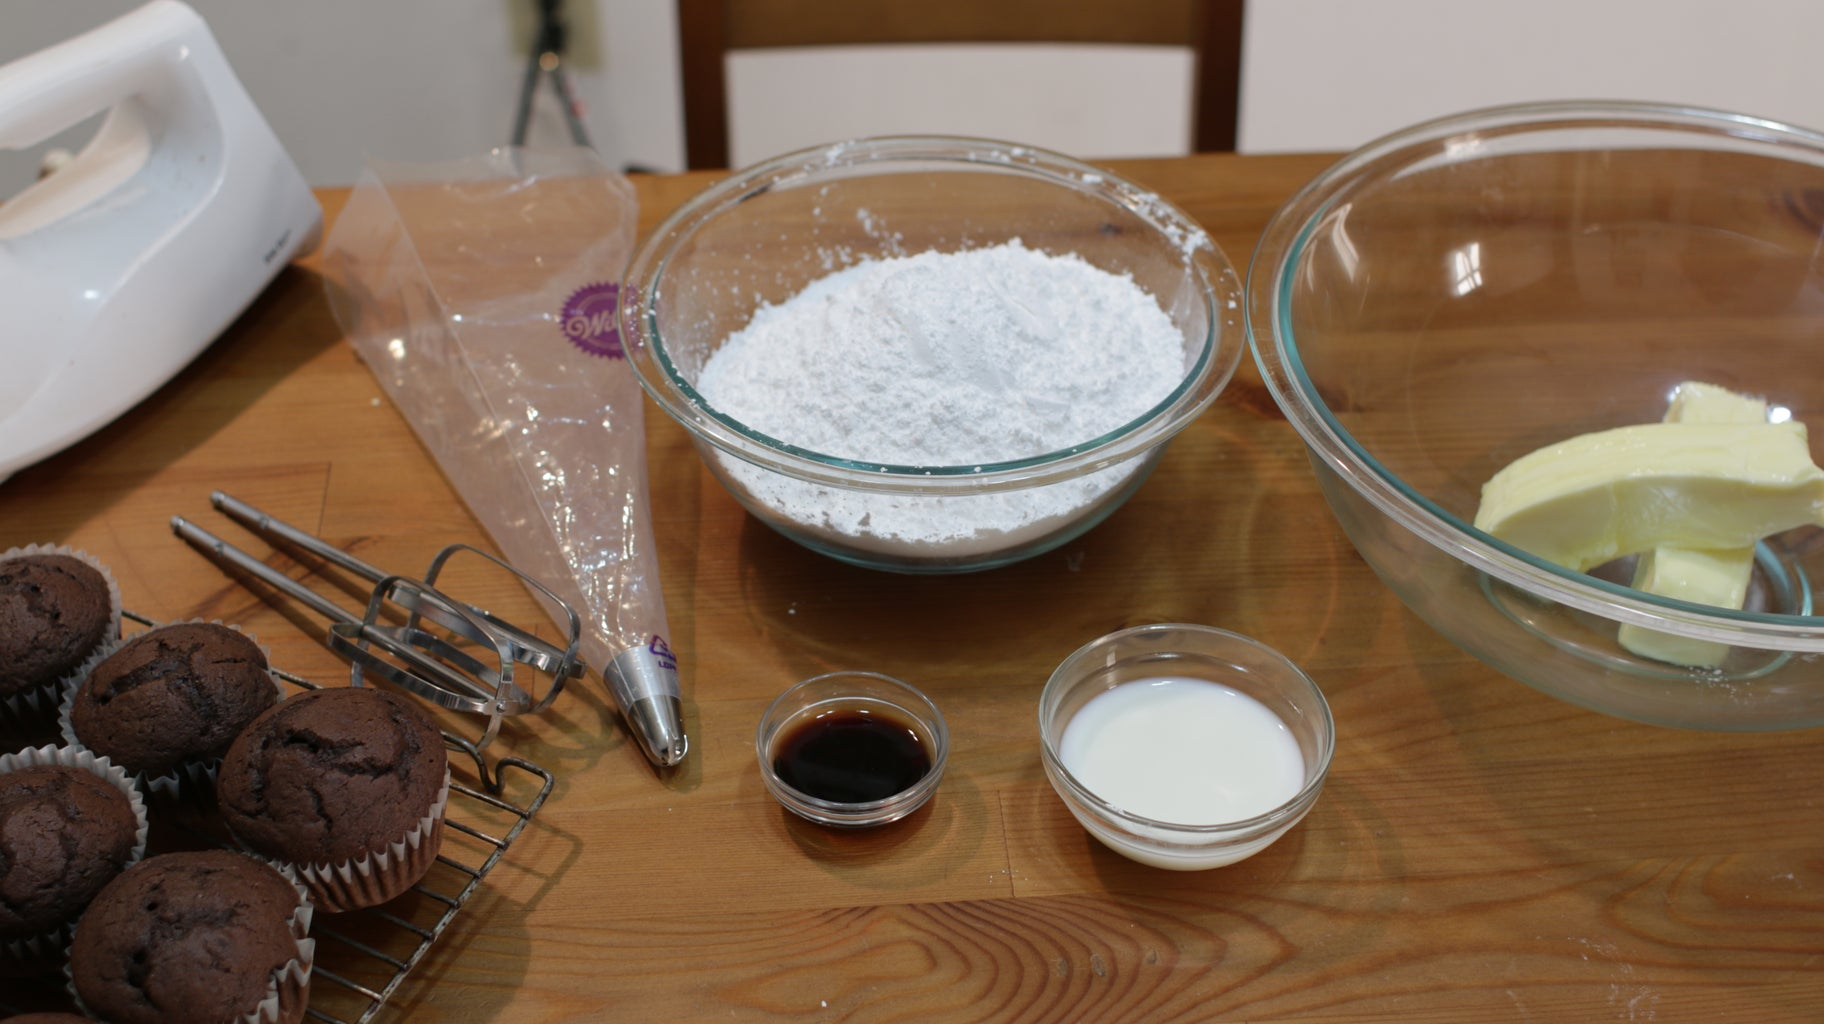 Ingredients/Tools